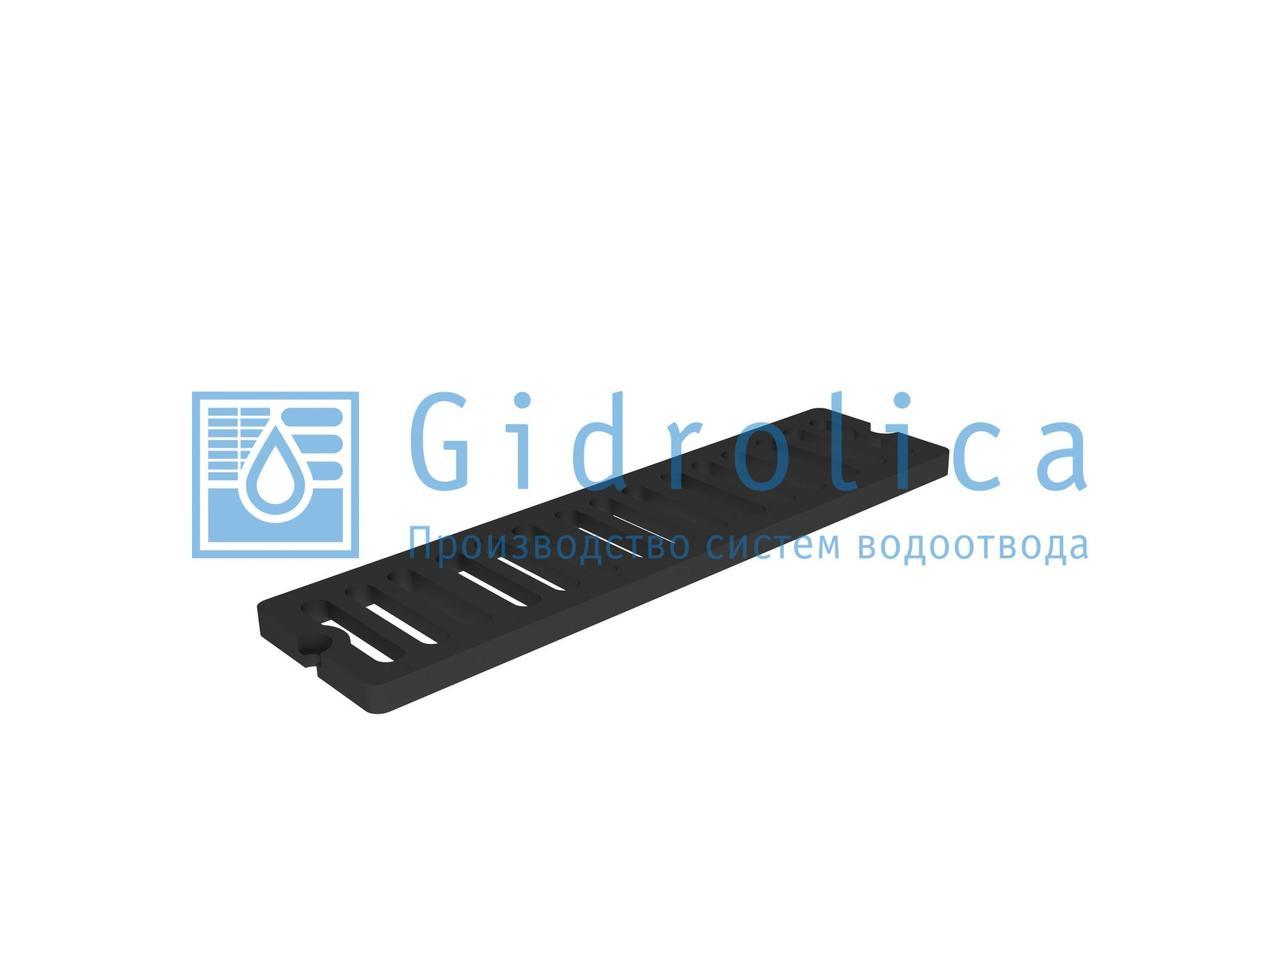 Решетка водоприемная СЧ 750*400*27 – чугунная, кл. D400